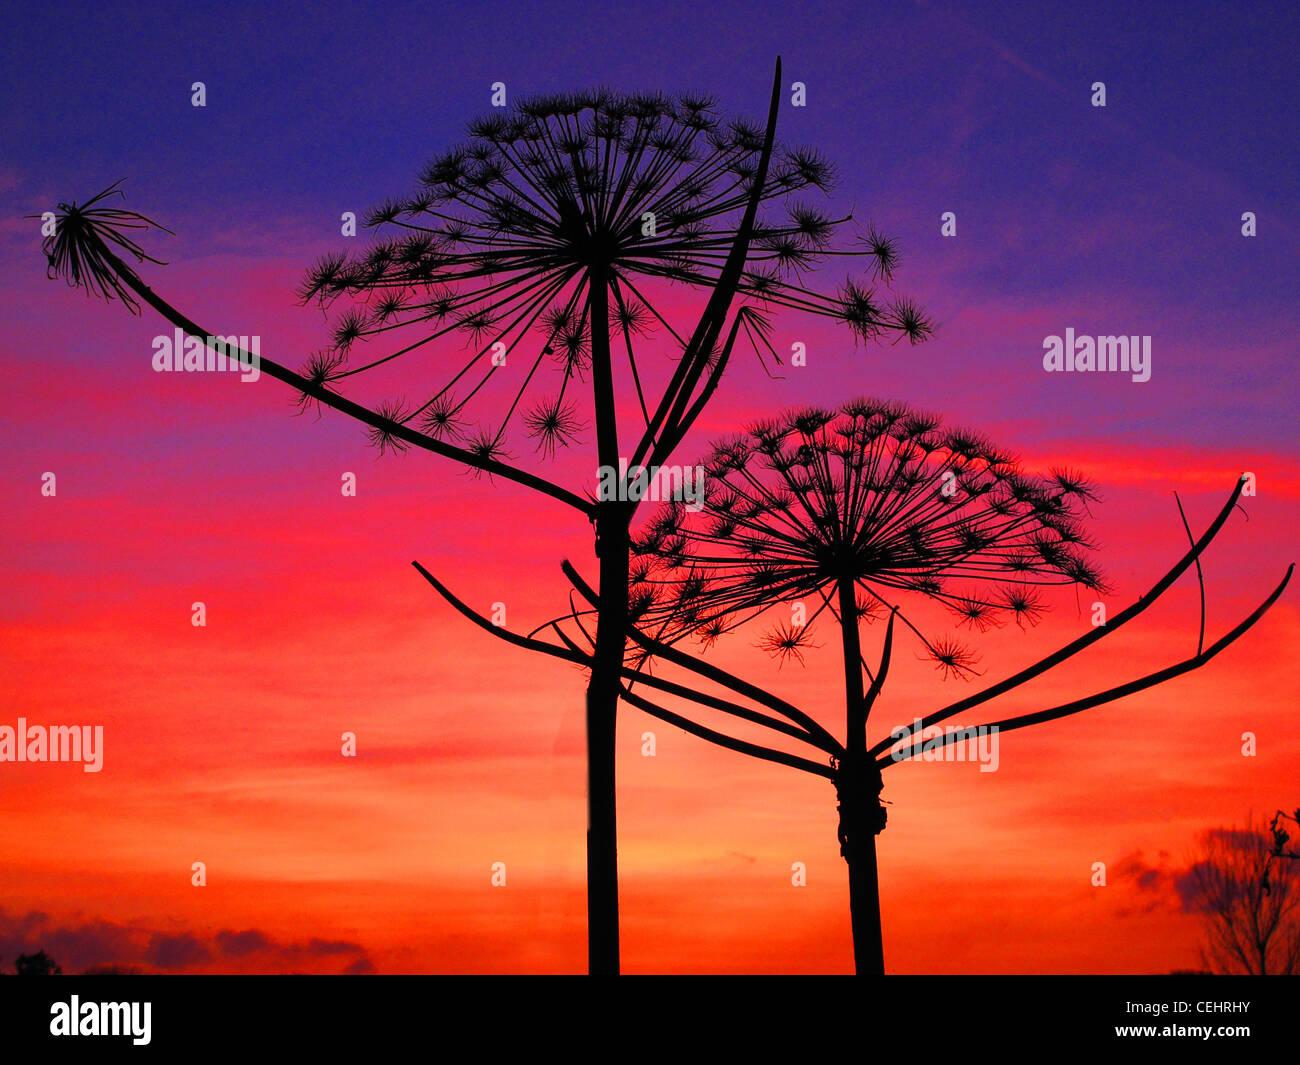 Giant,Cow,Parsley,flower,in,front,of,sunset,sunrise,red,orange,blue,sky,landscape,Lymm,Cheshire,UK,United,Kingdom,Giant,Cow,Parsley,Wild,Flower,Autumn,Sunset,Red,Orange,Blue,Silhouette,giant,big,cow,parsley,growing,wild,England,UK,Cheshire,sunset,sunrise,gotonysmith,Buy Pictures of,Buy Images Of